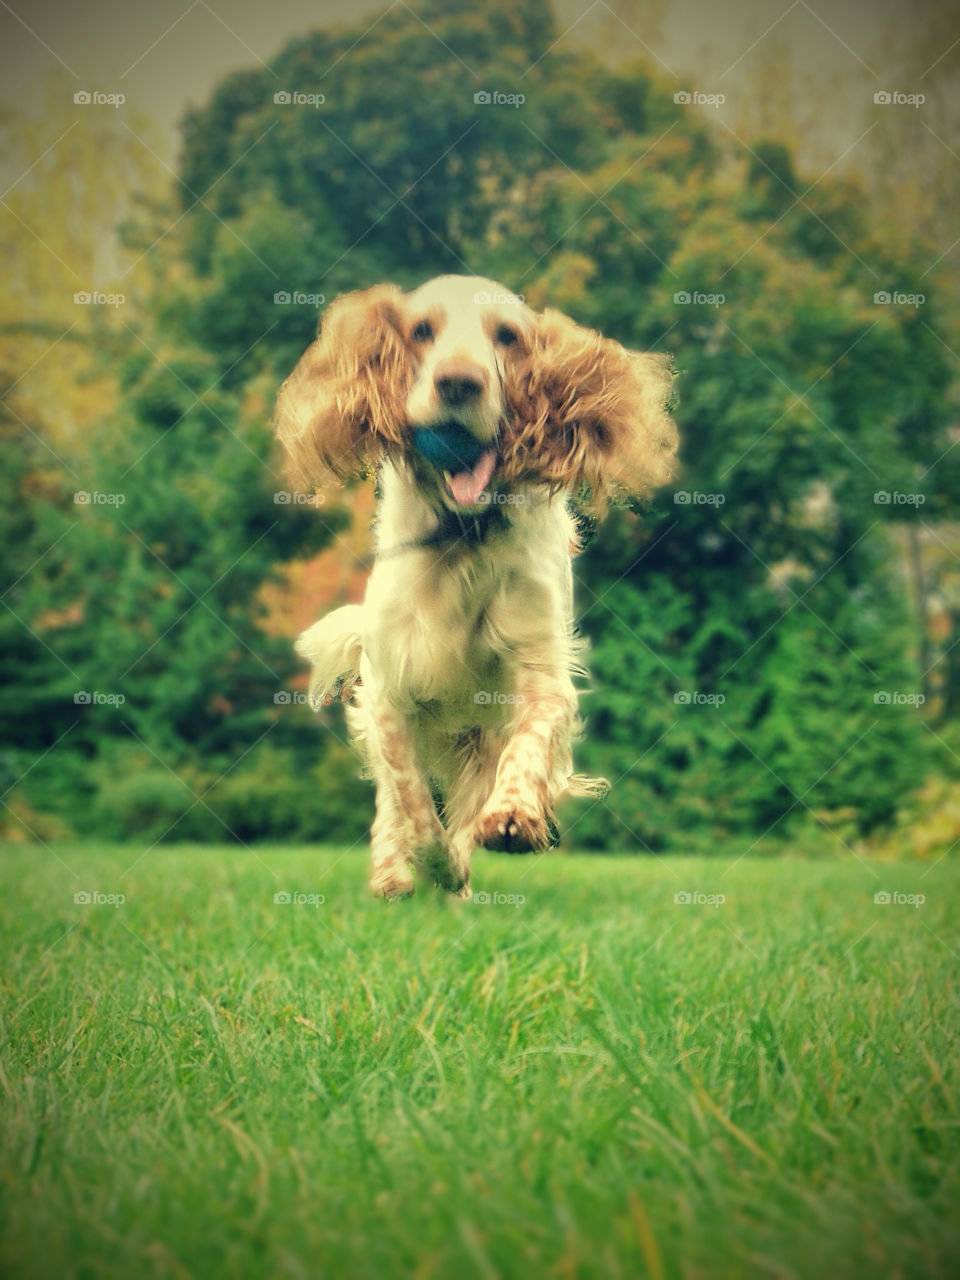 green grass play dog by vsusov